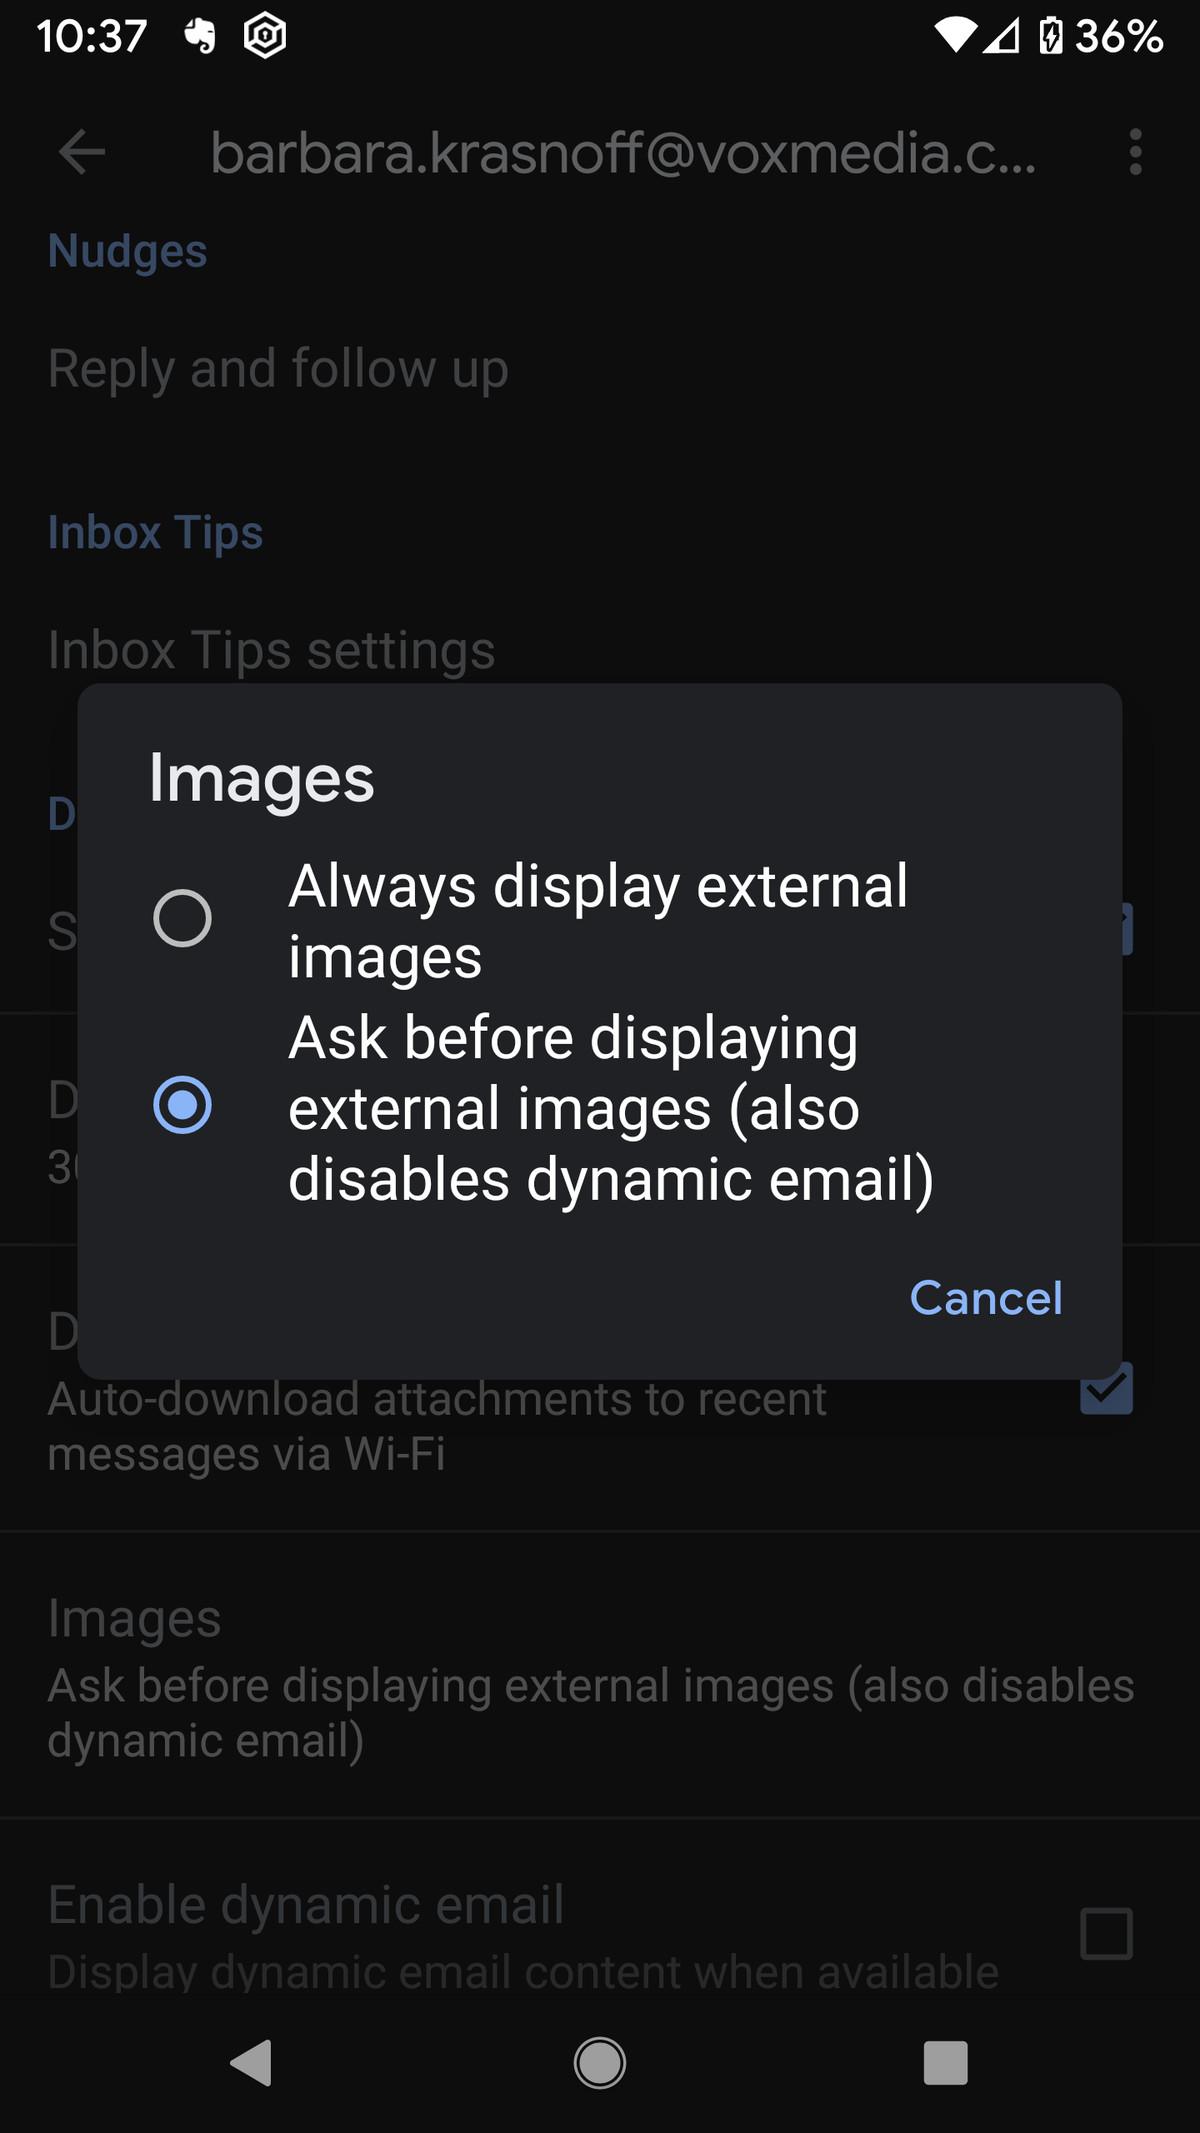 Ahora puede deshabilitar la carga automática de imágenes.